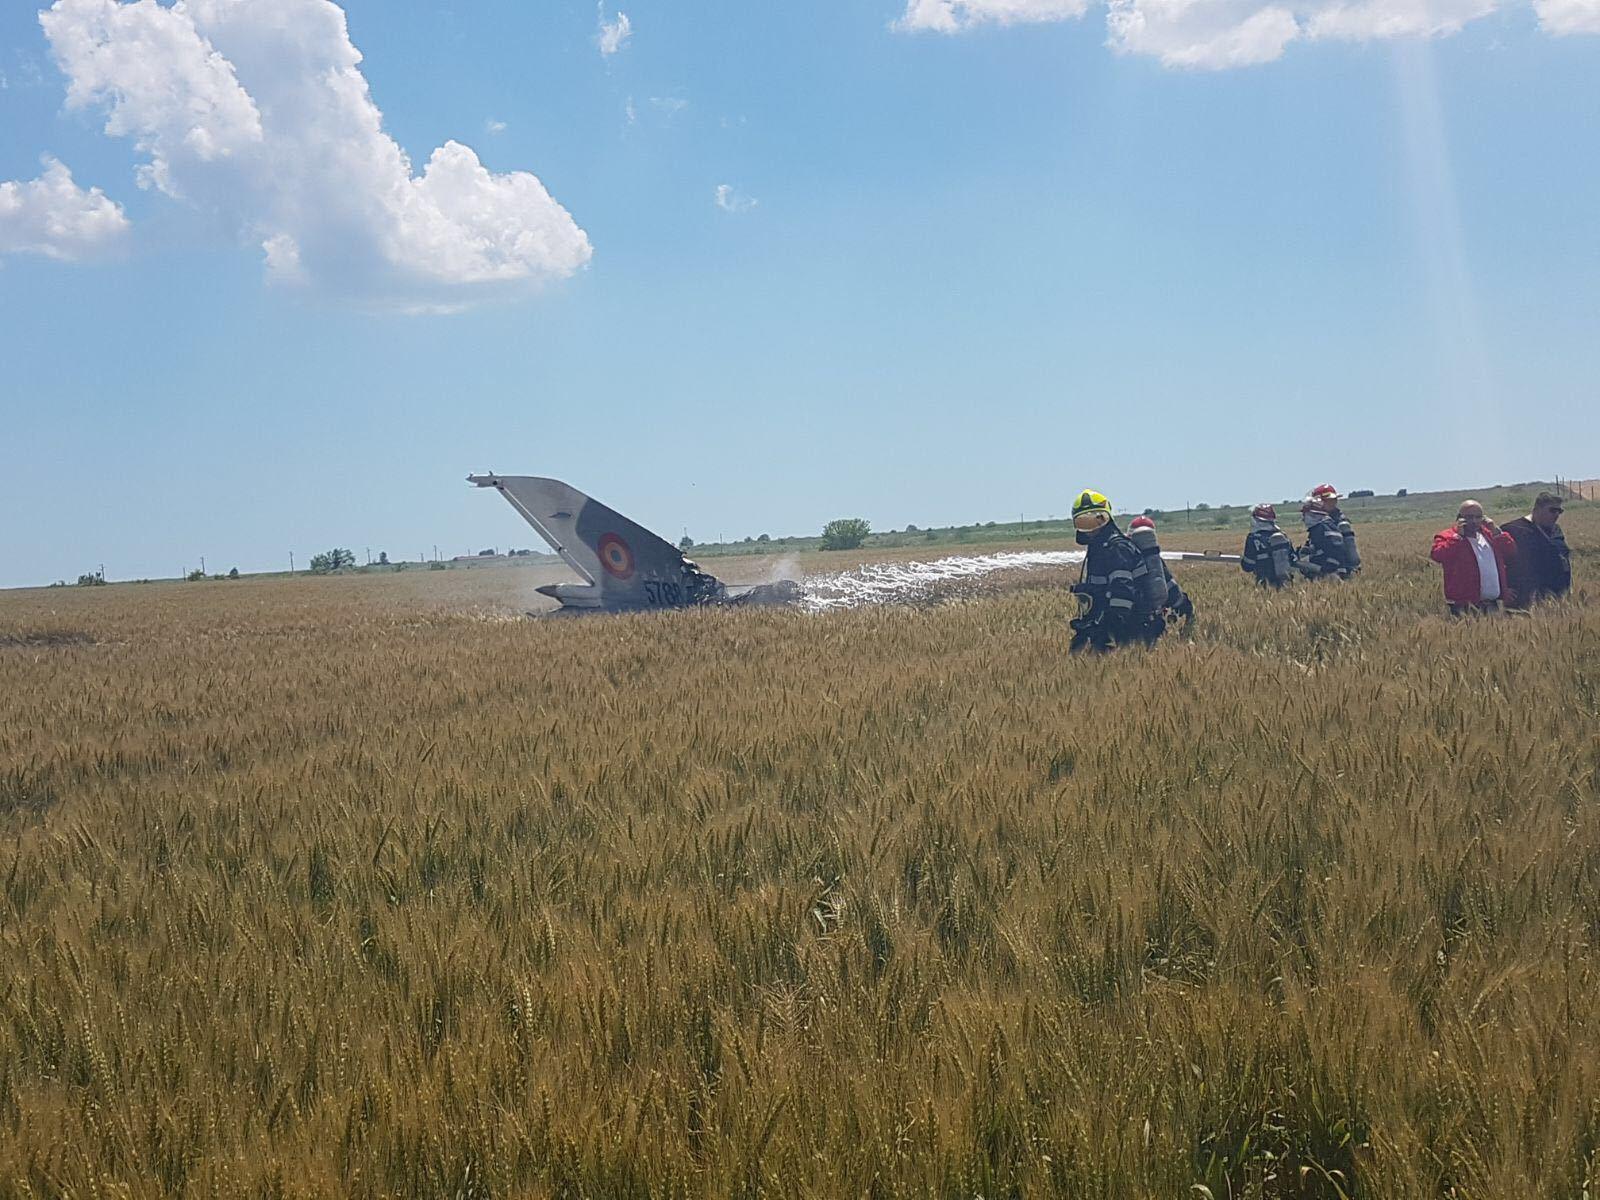 LIVE| Un MIG 21 Lancer s-a prăbuşit în judeţul Constanţa. Avionul de vânătoare era în misiune de antrenament. Pilotul s-a catapultat, dar este în stare gravă